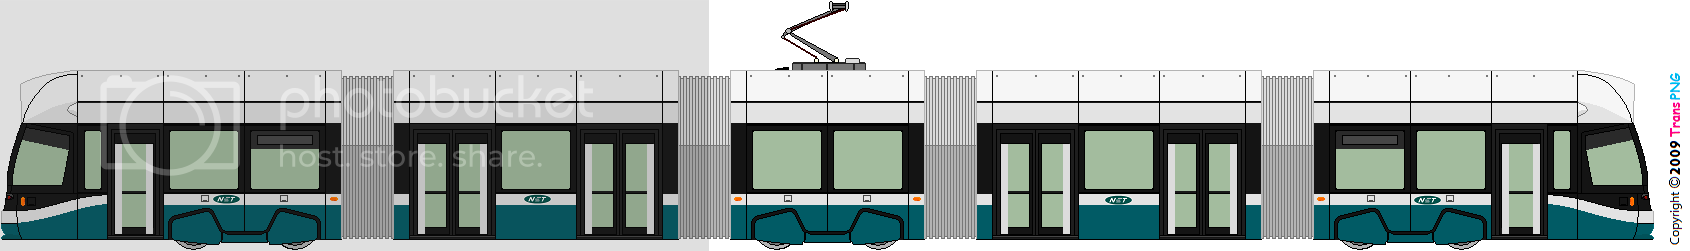 [5080] Nottingham Trams 2080